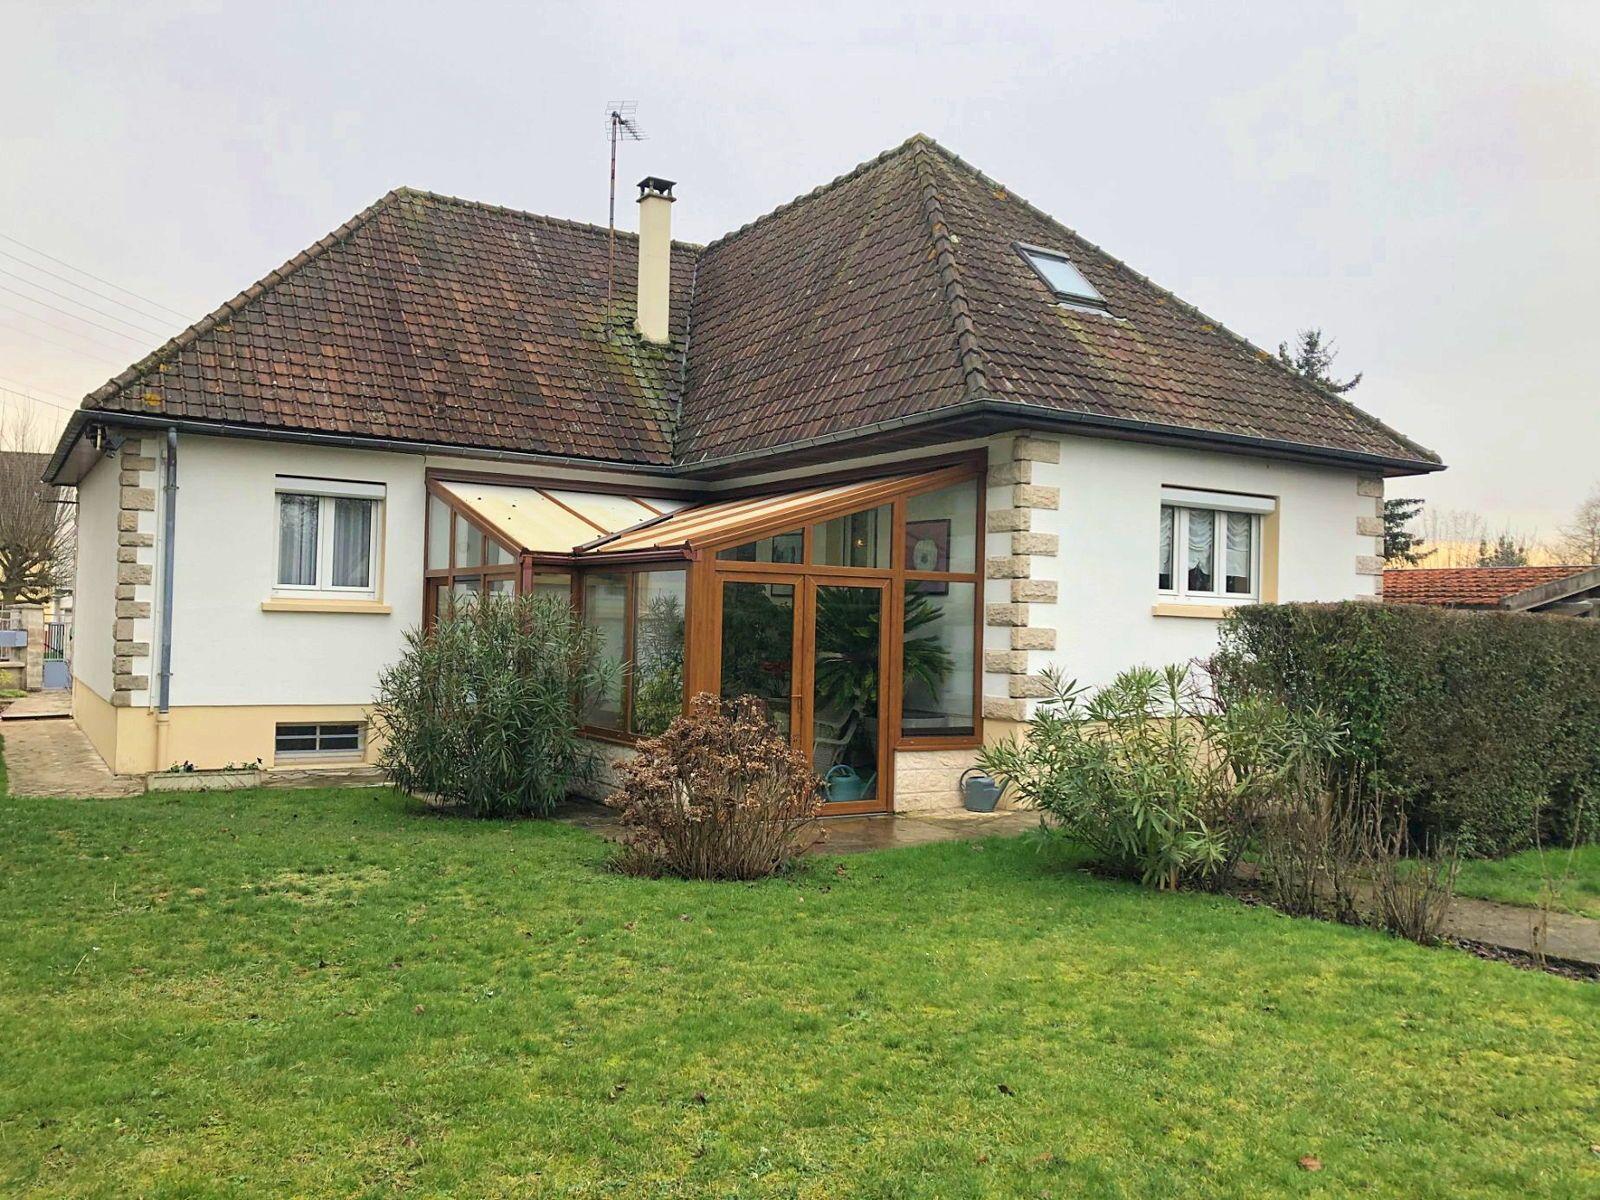 Vends Maison en Viager Occupé - Villers-Sous-Saint-Leu (60) - 4chambres, 149m²